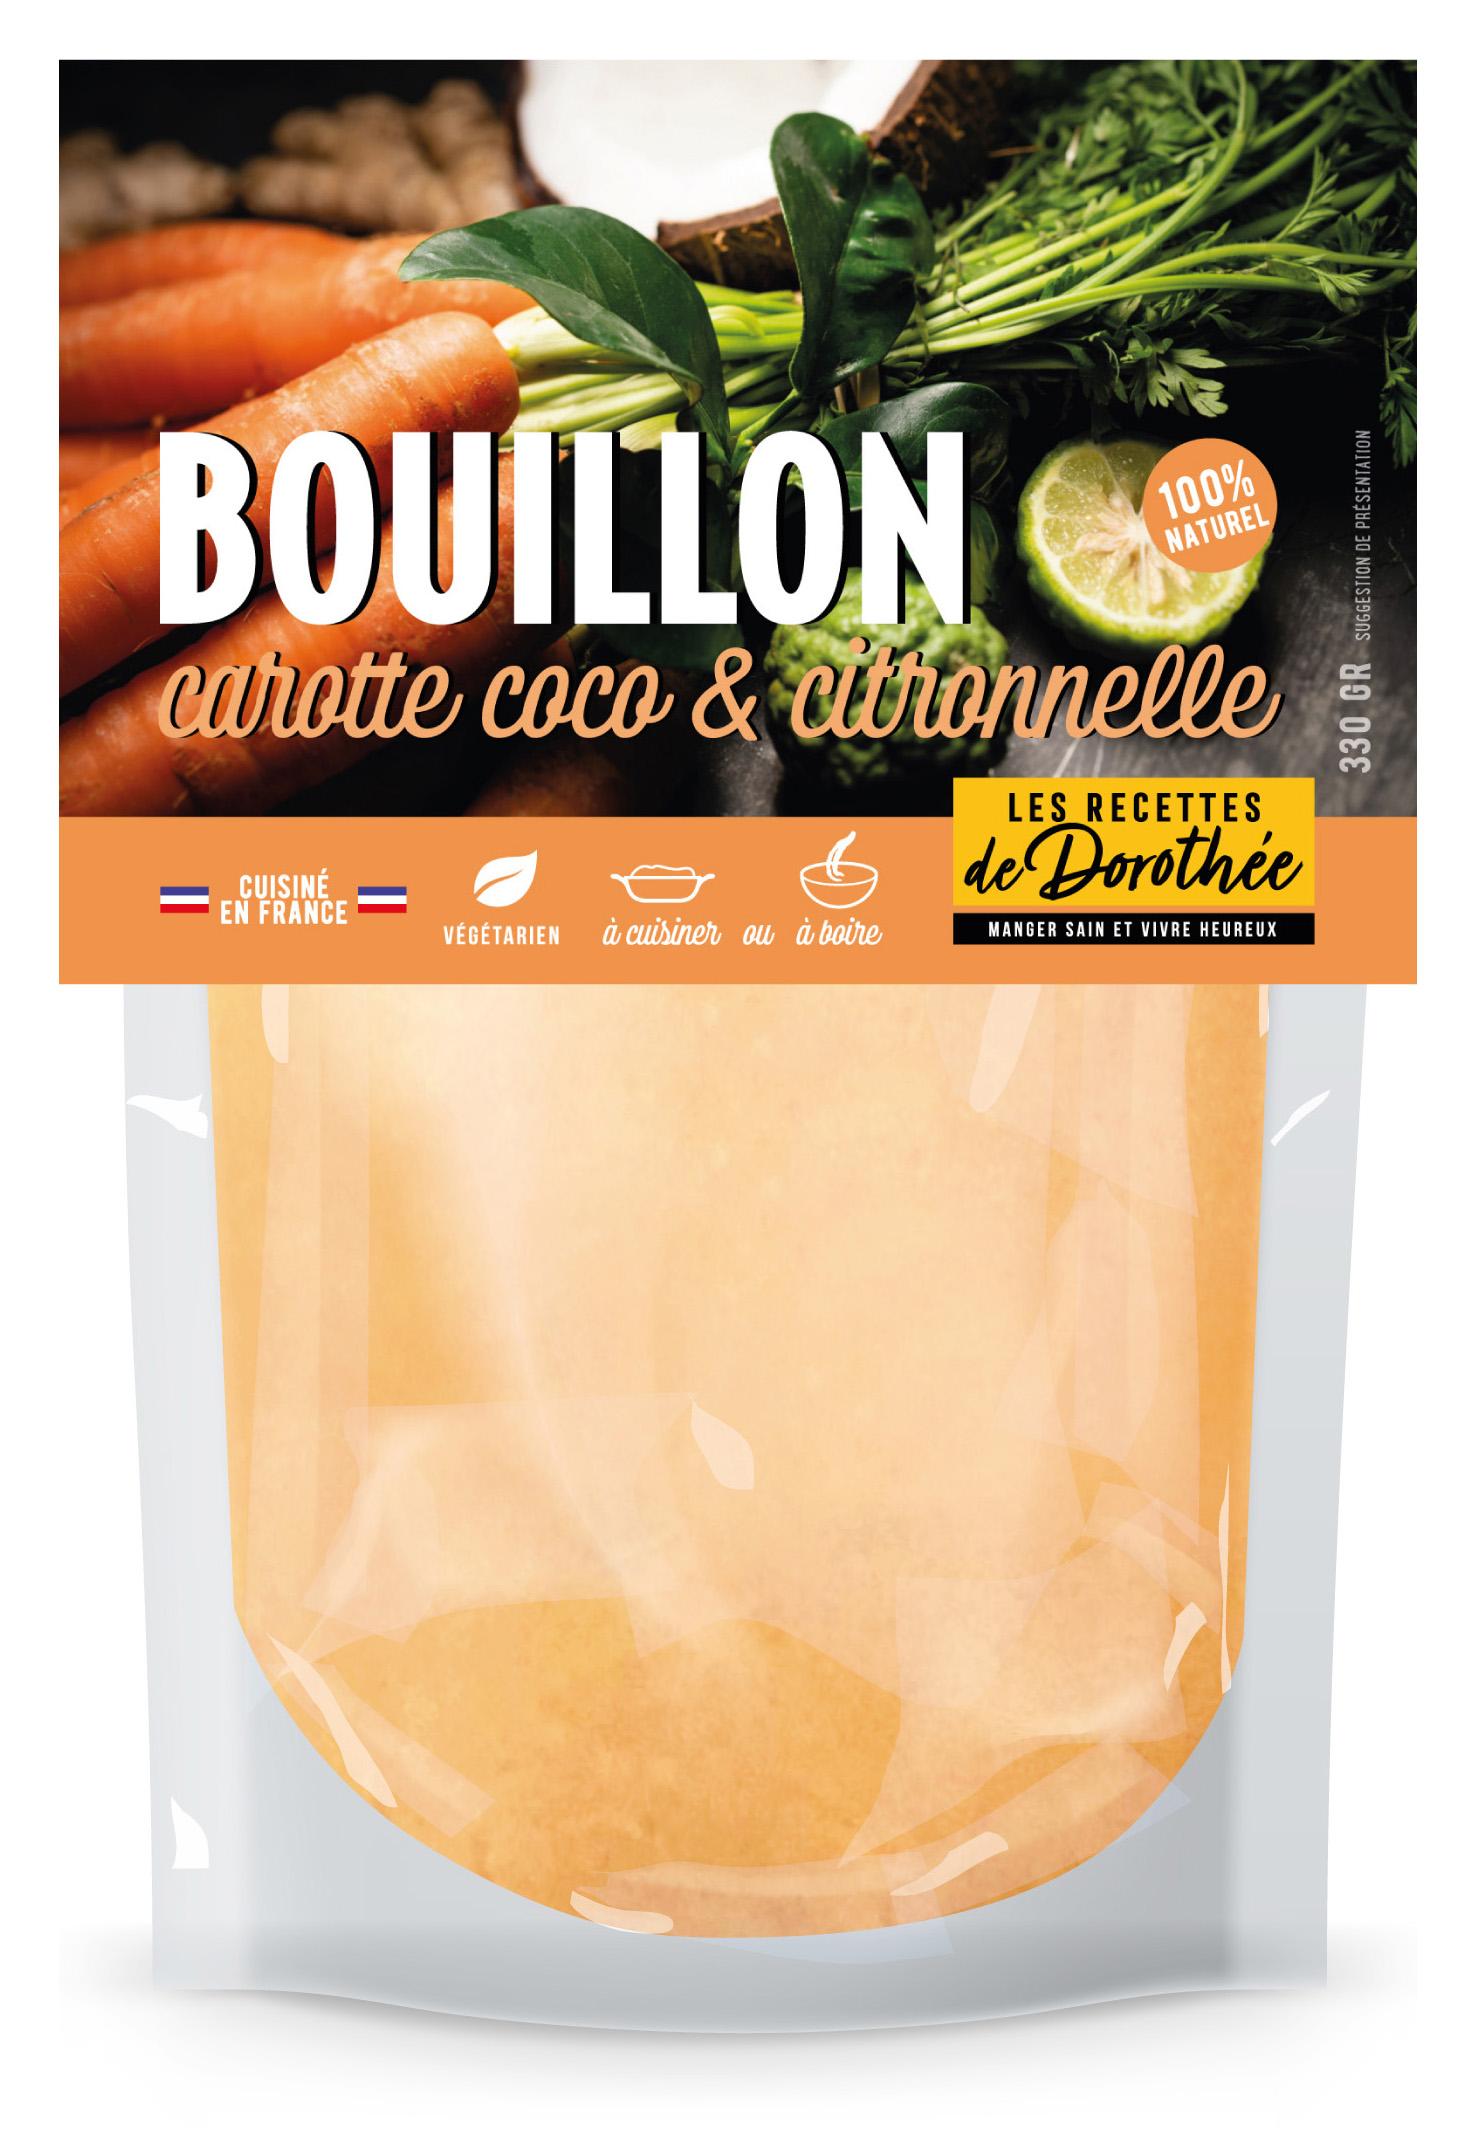 LRD Doypack carottes - BOUILLON, des bouillons frais 100% naturels